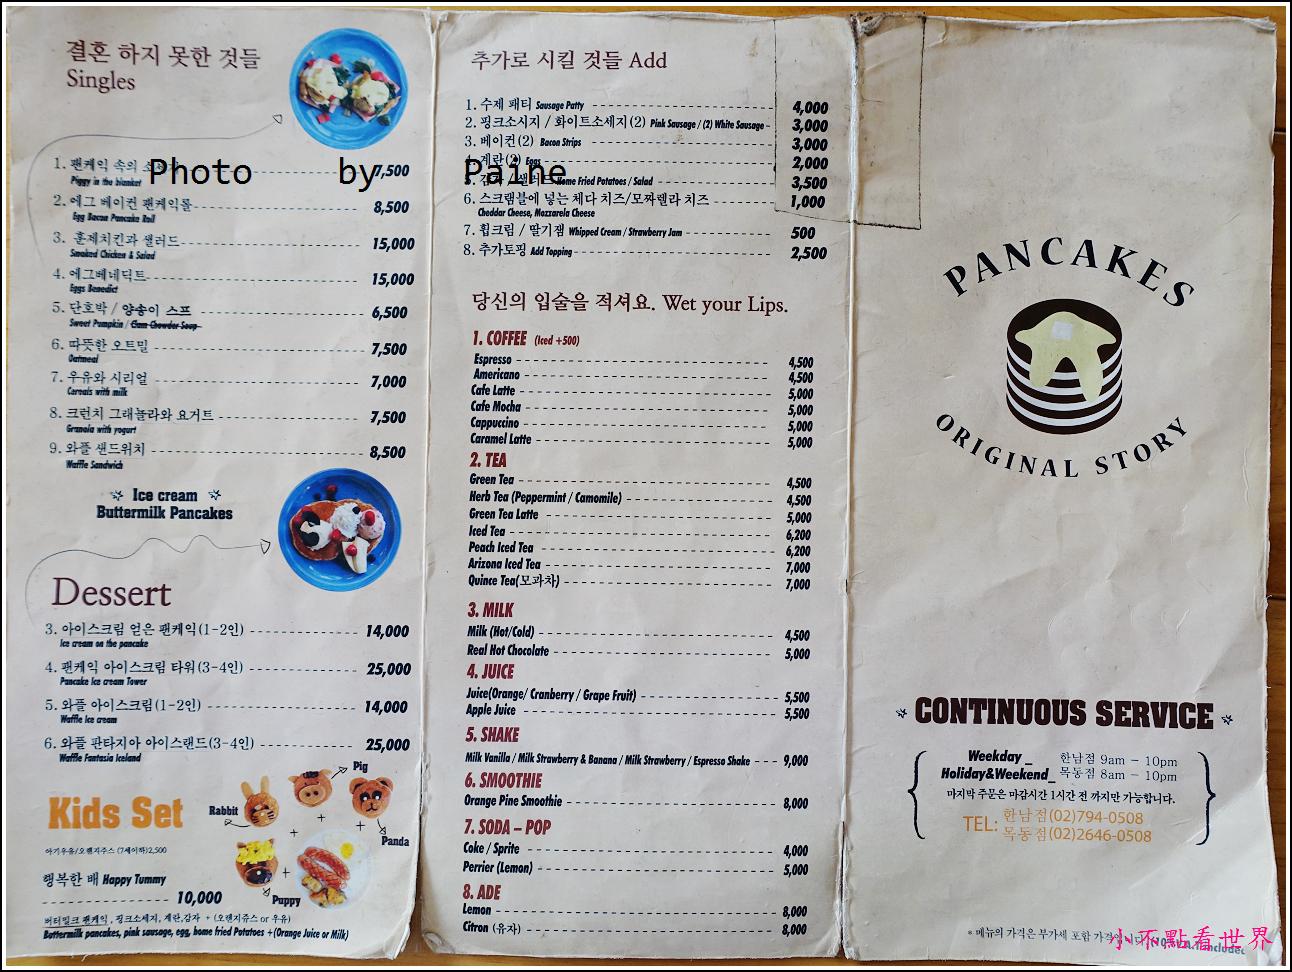 漢南洞pancake original story (3).JPG